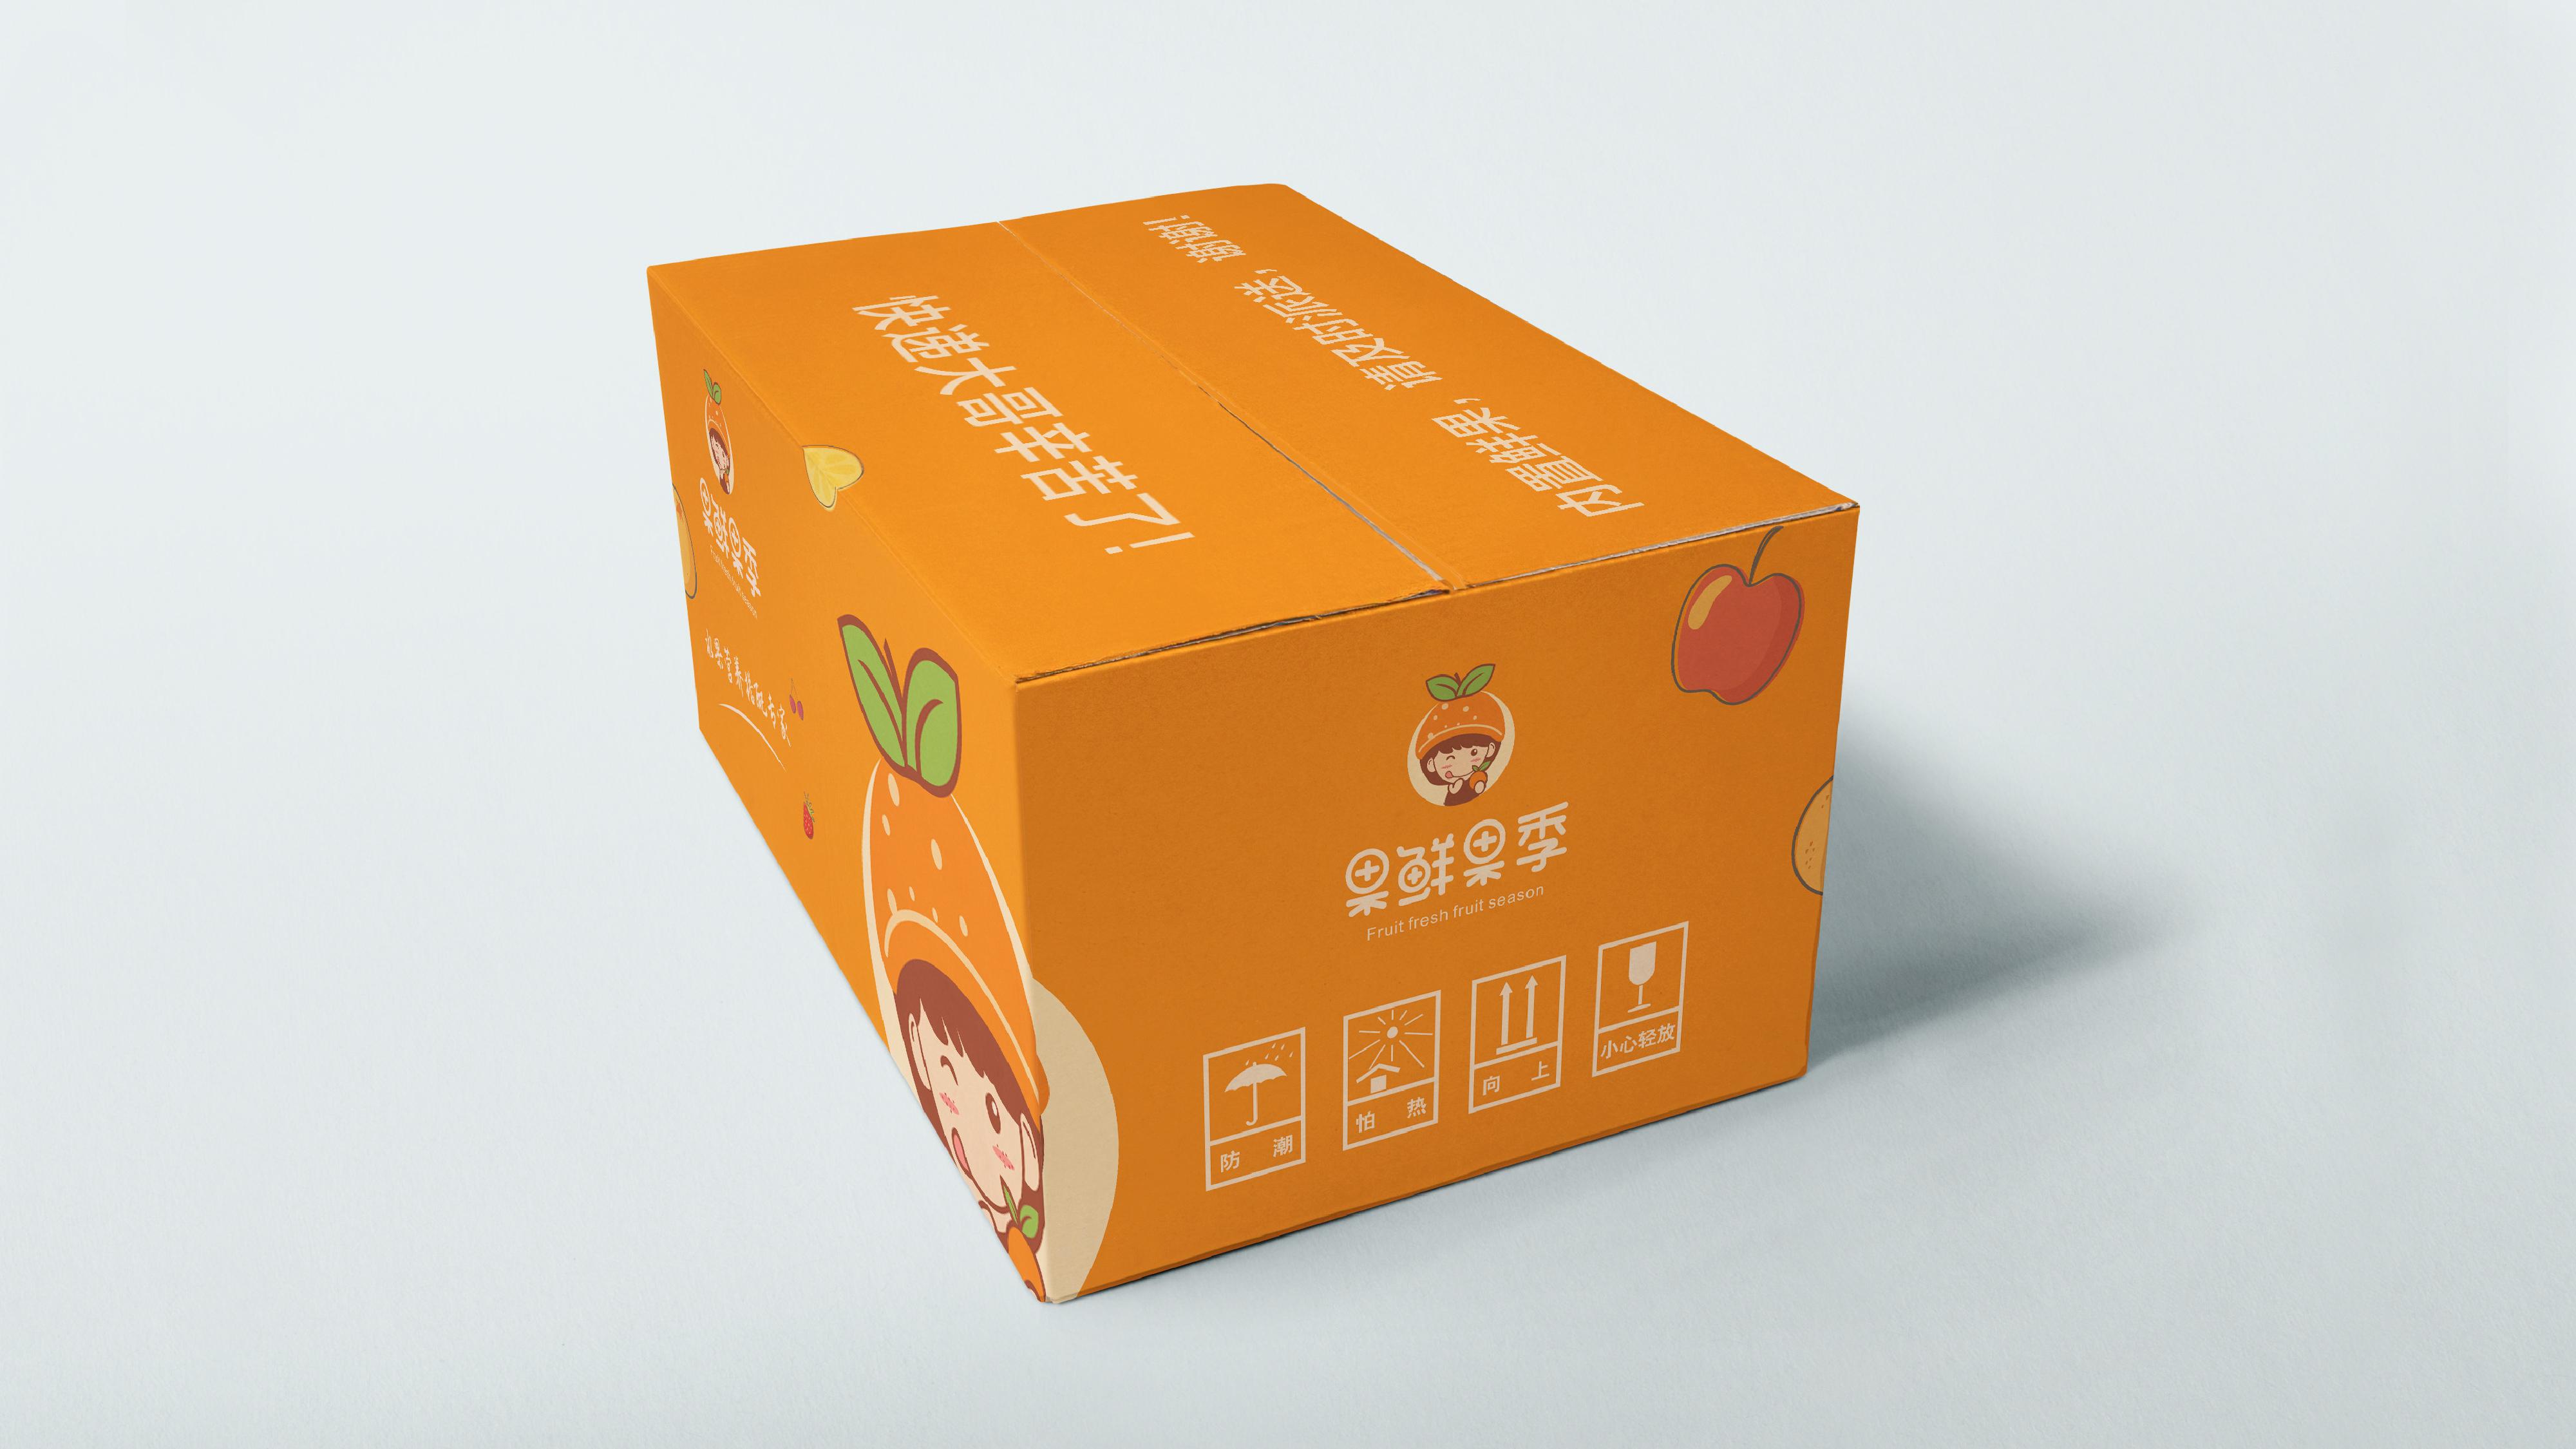 果鲜果季包装设计